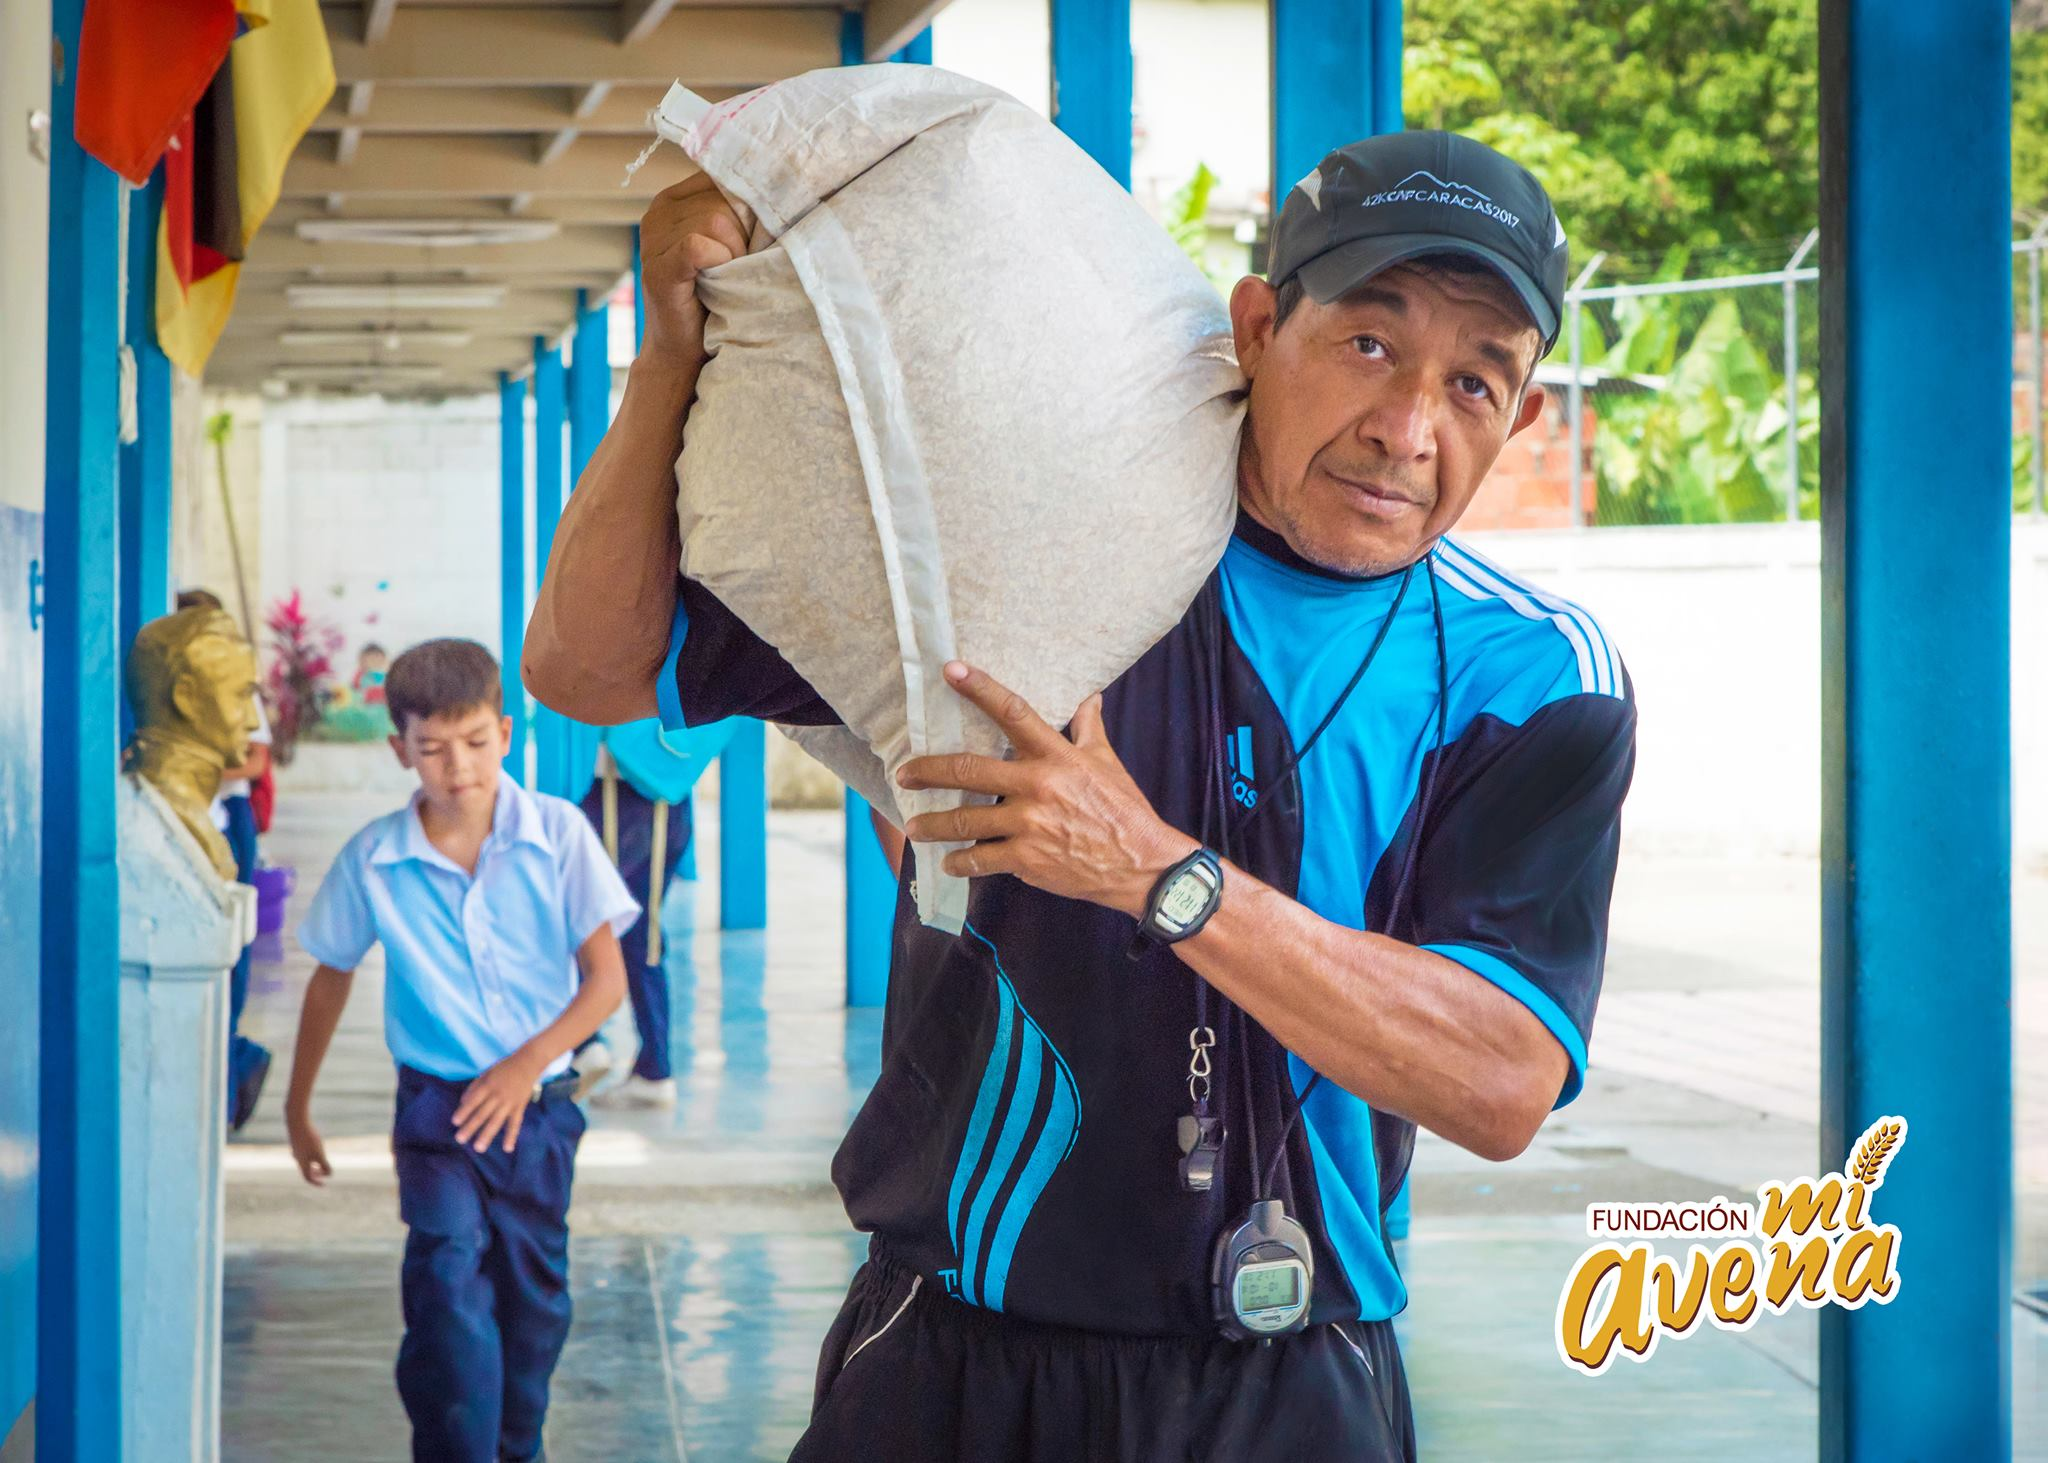 mauro-libi-crestani-fundacion-mi-avena-apoya-a-las-escuelas-de-venezuela